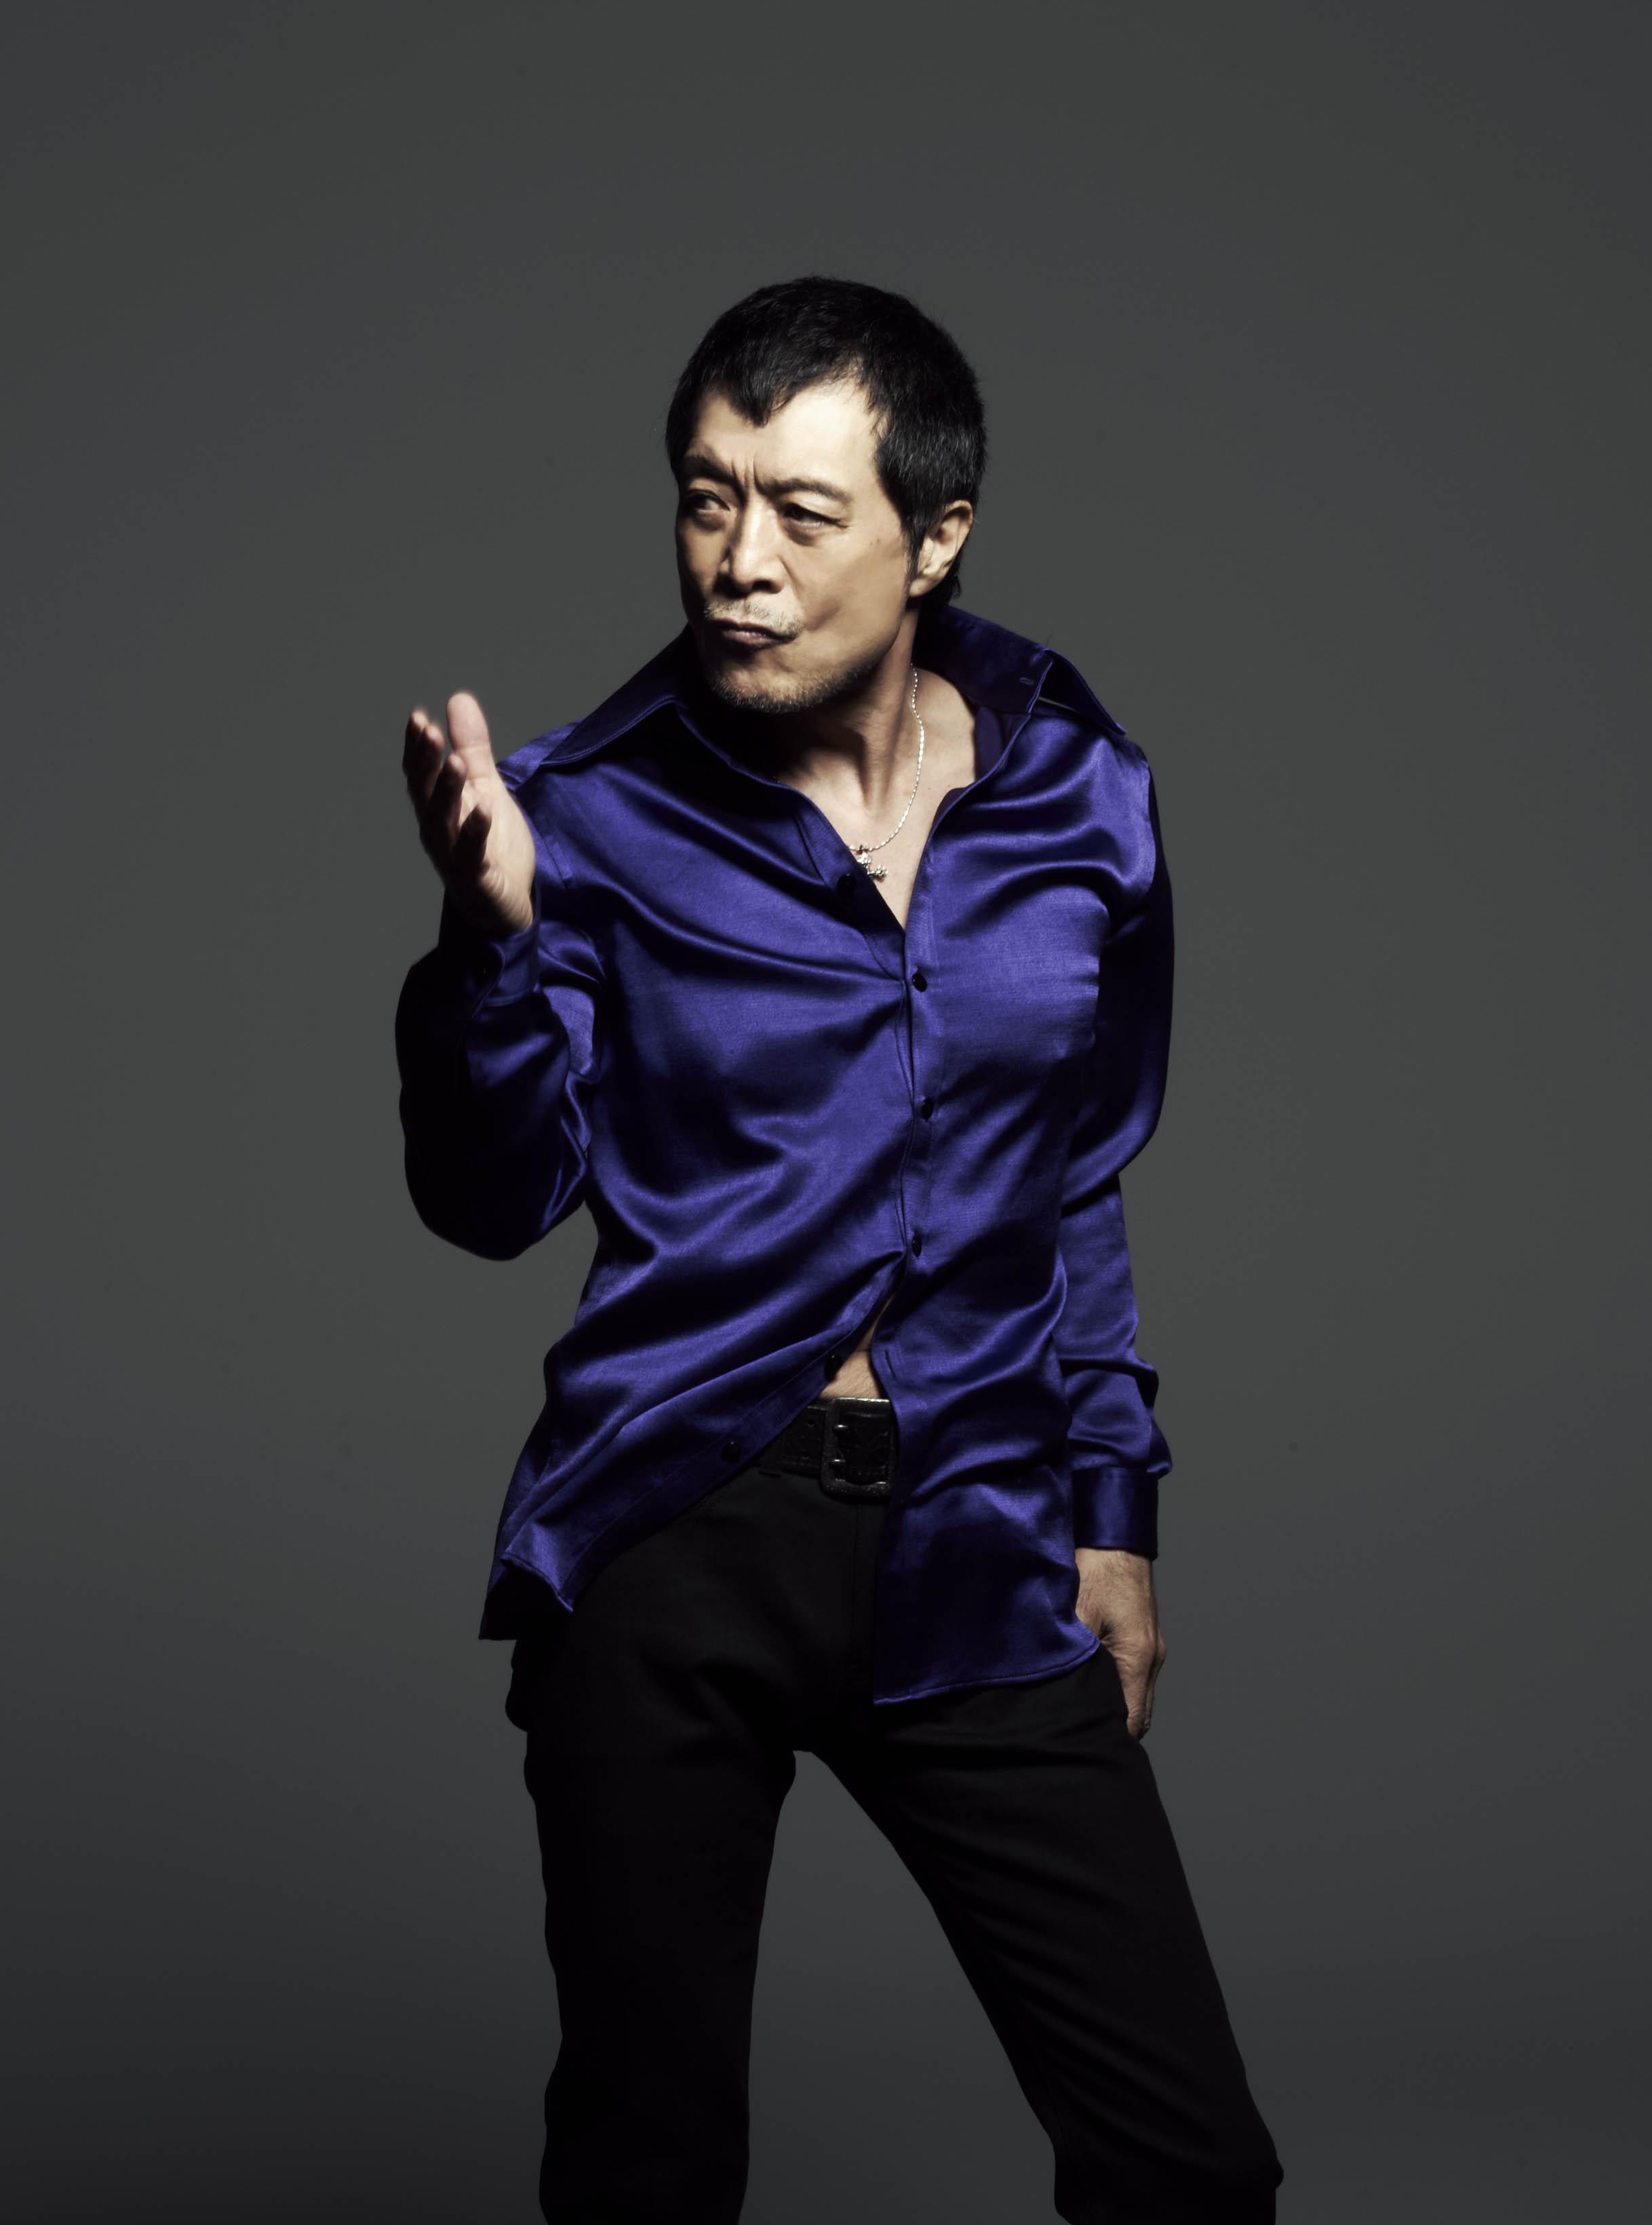 永遠のロックスター☆人生のバイブルにしたい矢沢永吉の名言集のサムネイル画像